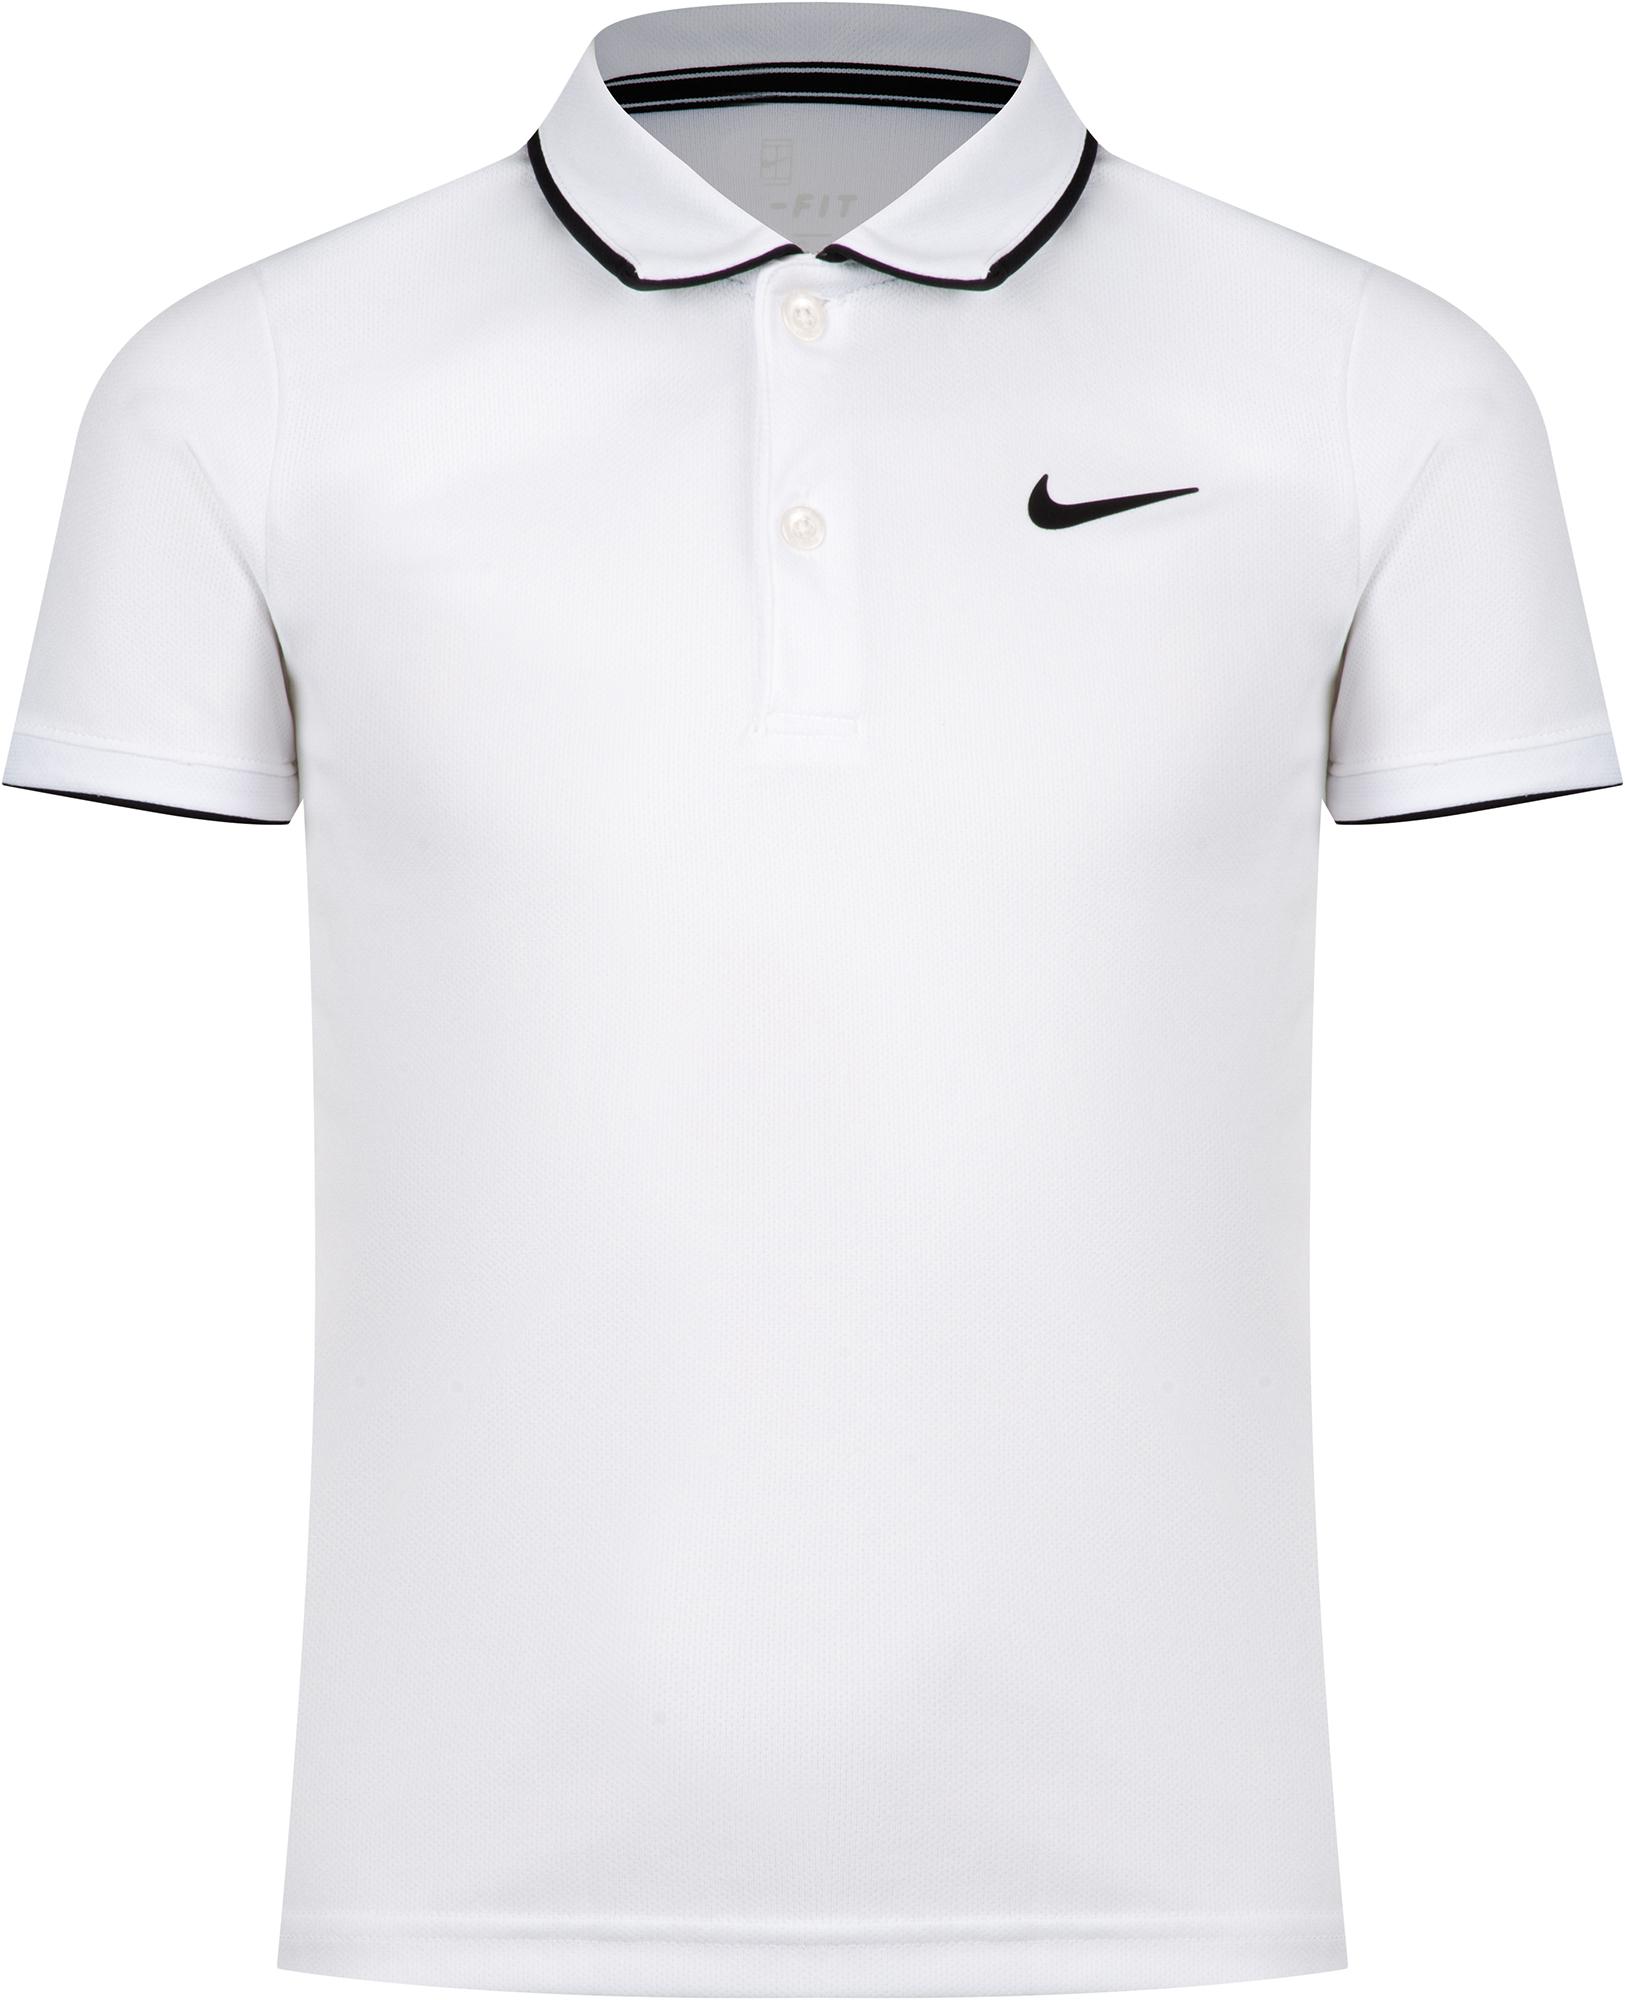 Фото - Nike Поло для мальчиков Nike Court Dri-FIT, размер 128-137 nike футболка для мальчиков nike dri fit размер 128 137